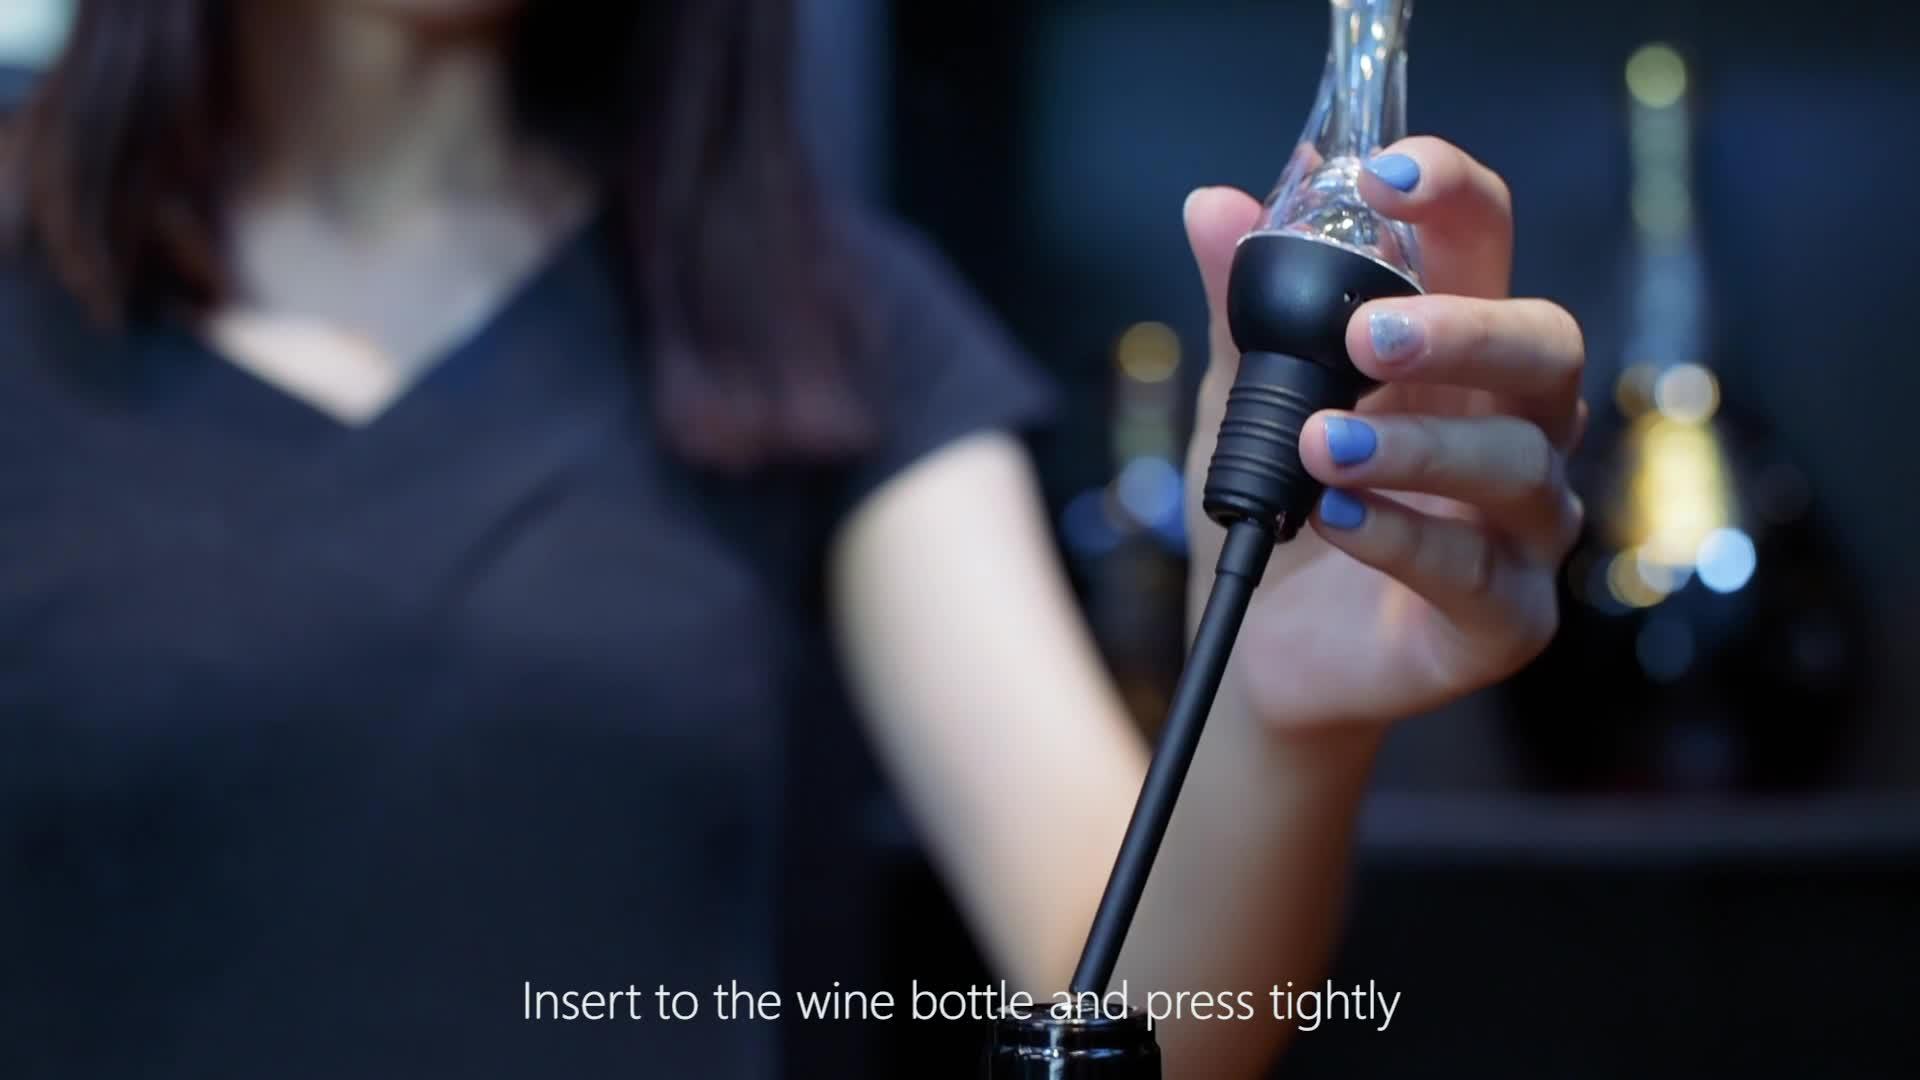 ה-FDA & LFGB אמזון למעלה מוכר 2019 פטנט לשתות מתנת יין Aerator Pourer יין לגין זרבובית יין סט מתנה